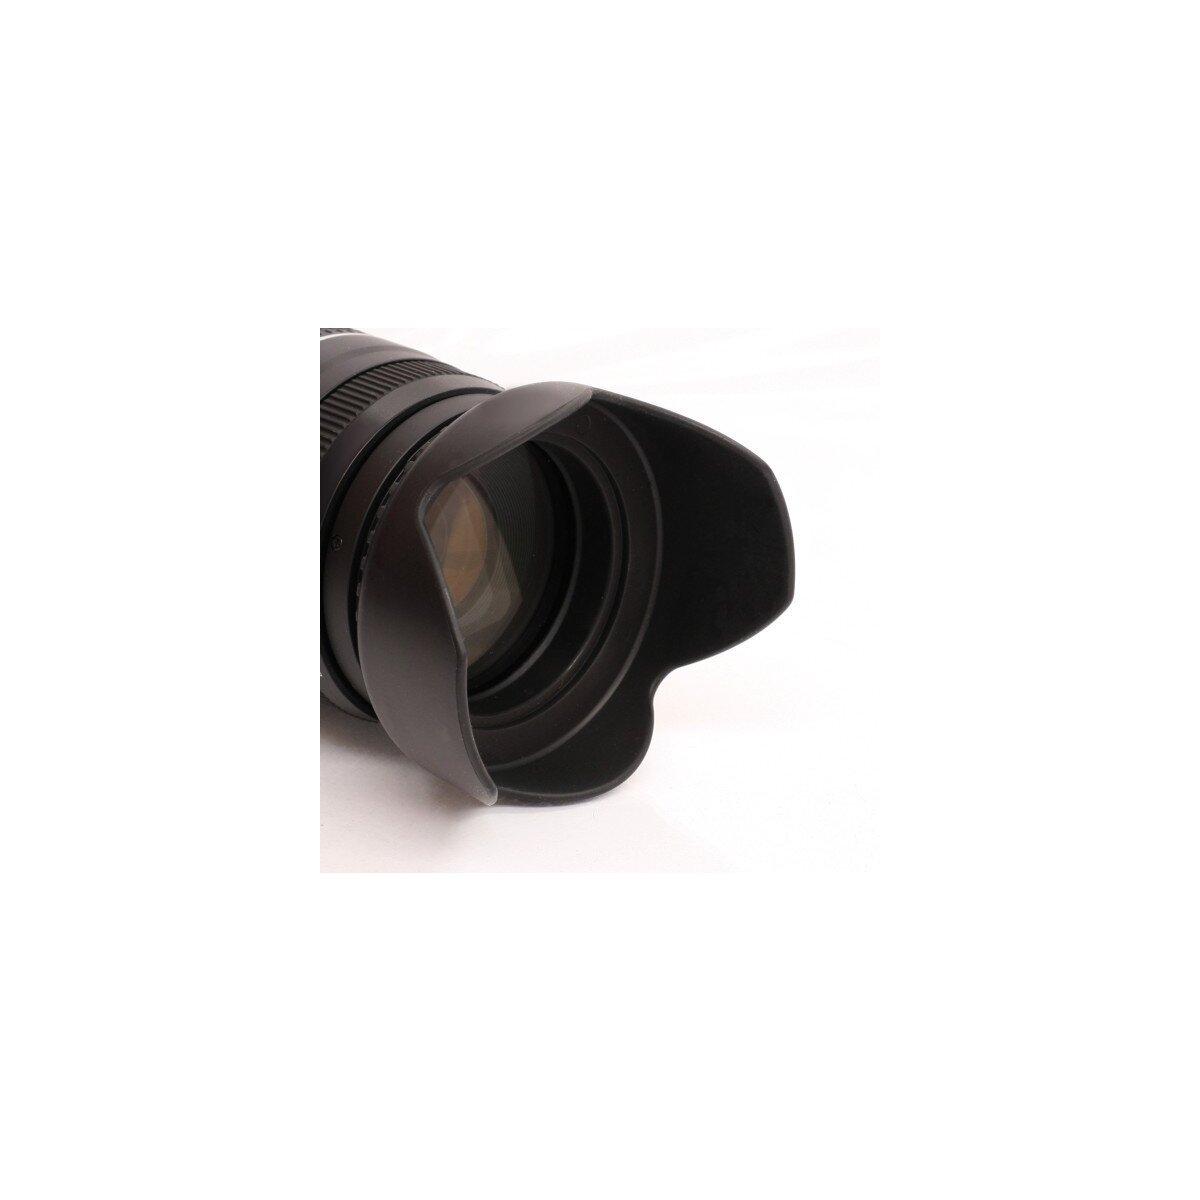 Gegenlichtblende Streulichtblende Sonnenblende Lens Hood mit 72mm Schraubgewinde